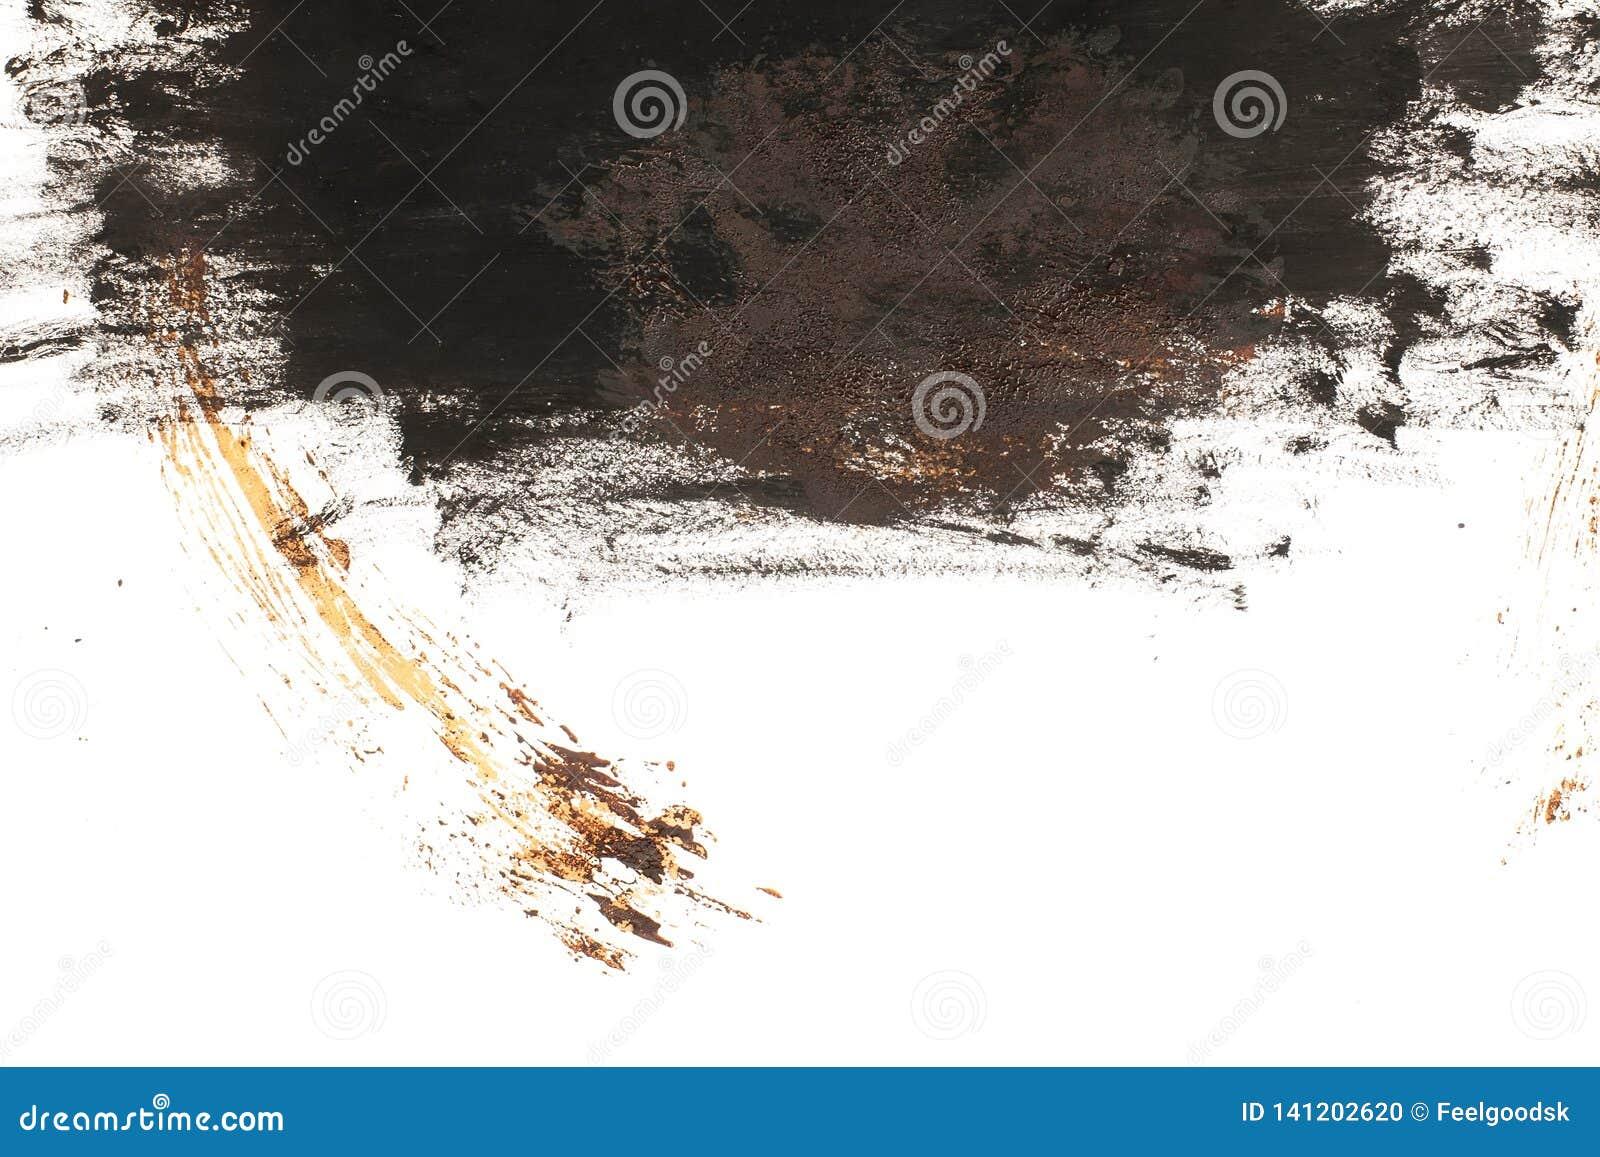 Schwarzer und brauner Fleck auf weißem Grund isoliert Realistische Textur der Aquarellpinsel Aquarellzeichnung